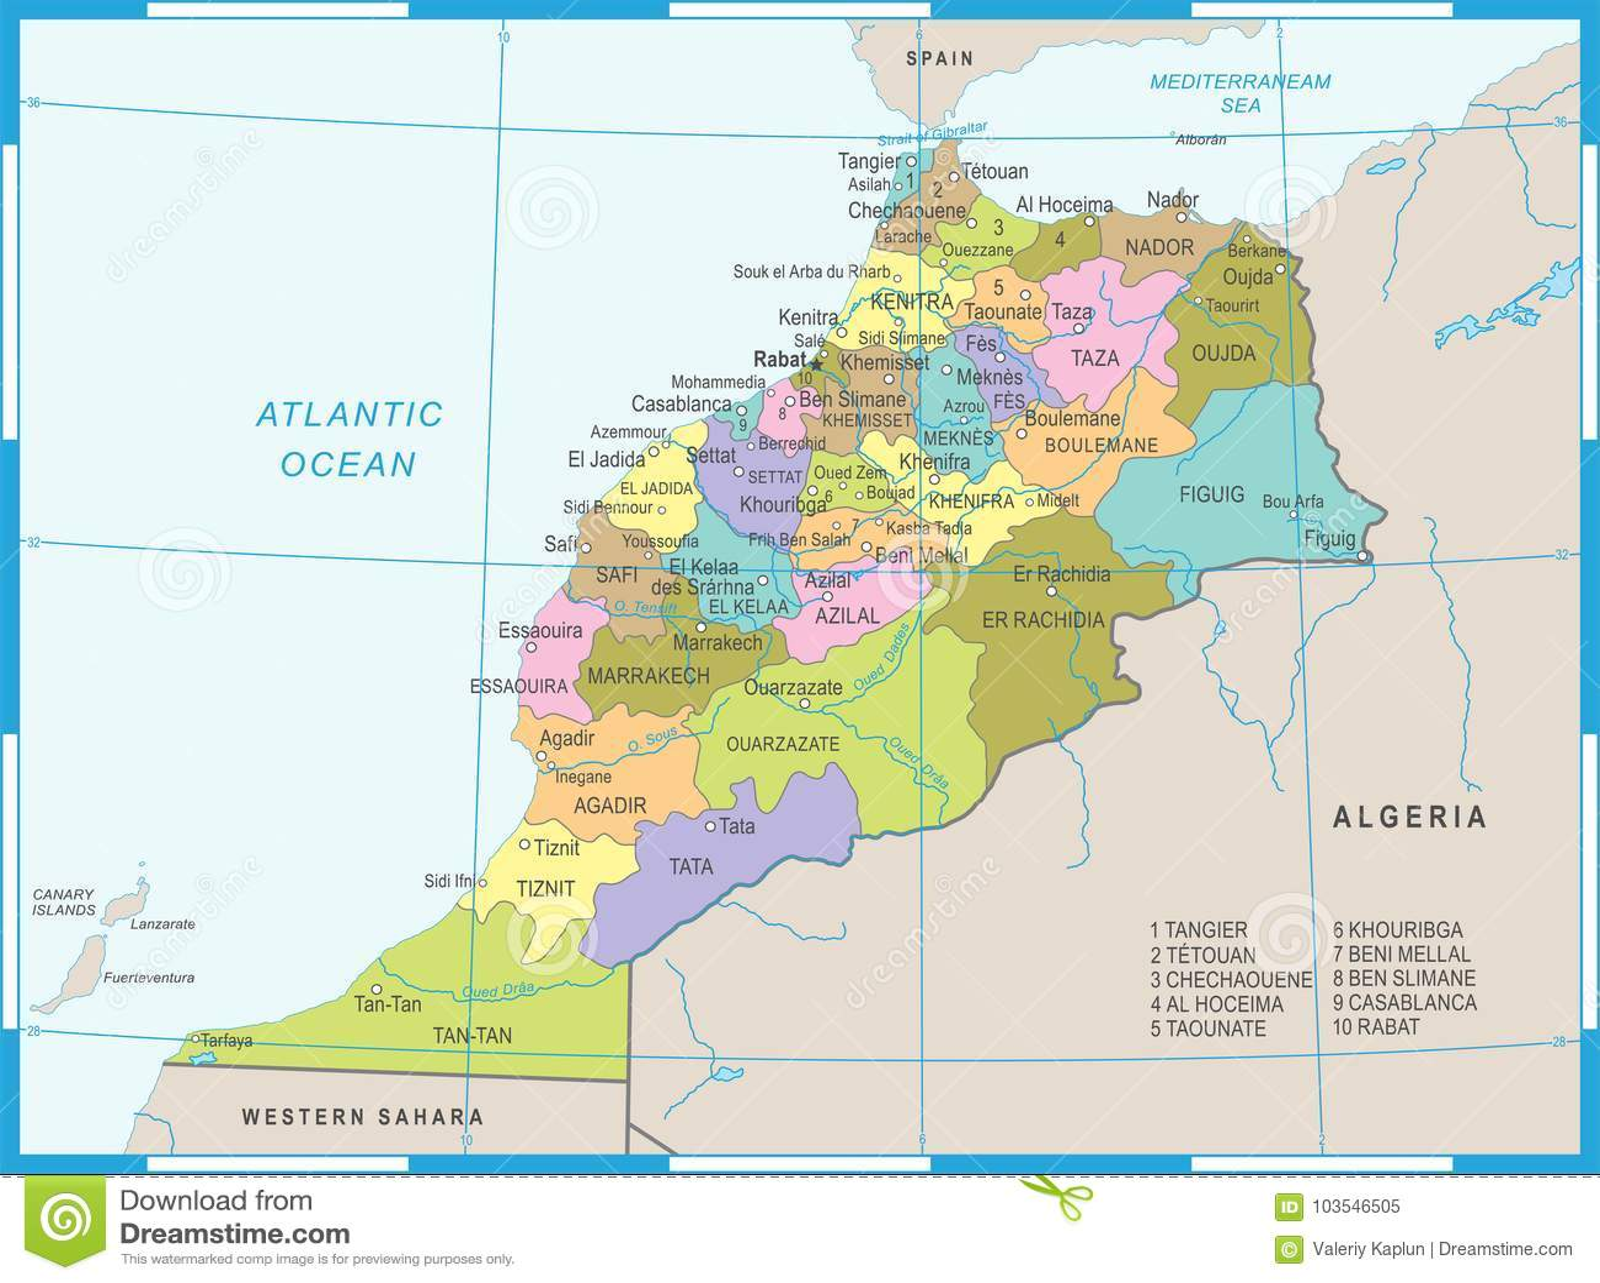 Cartina Stradale Marocco Gratis.Mappa Del Marocco Illustrazione Dettagliata Di Vettore Illustrazione Di Stock Illustrazione Di Dettagliato Geografico 103546505